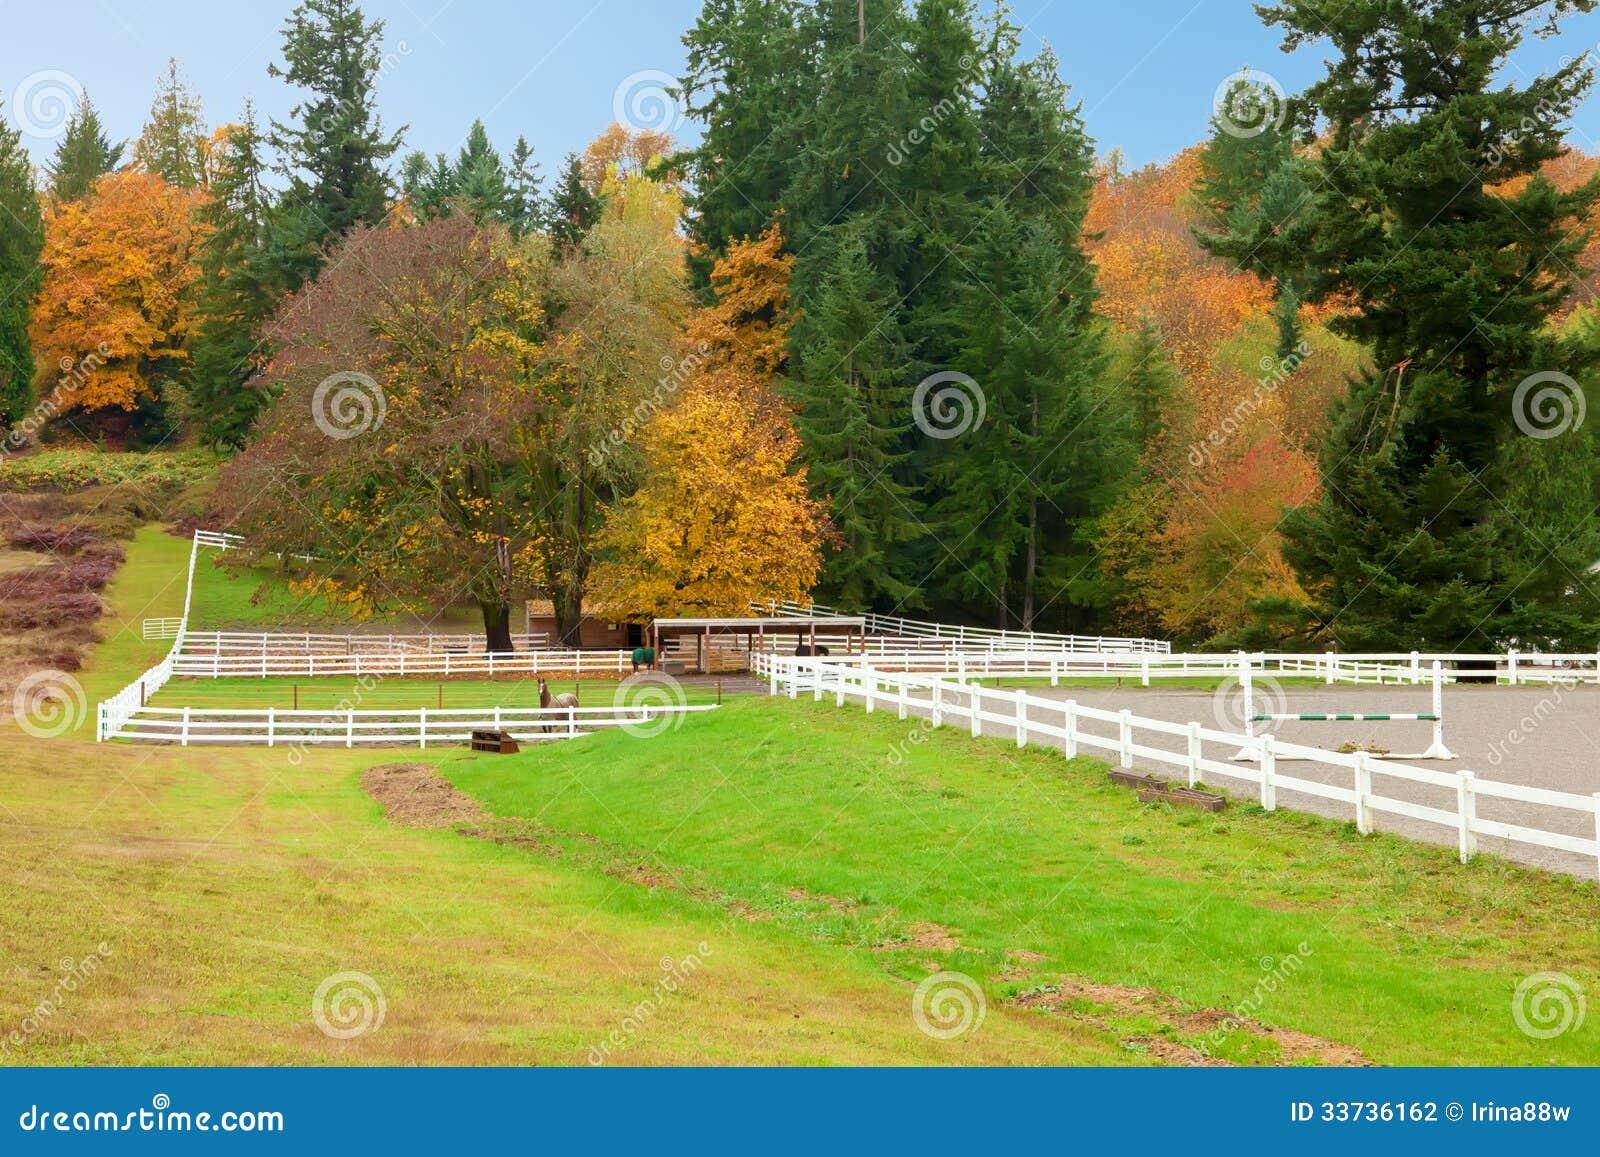 Pferdebauernhof mit weißem Zaun und bunten Blättern des Falles.